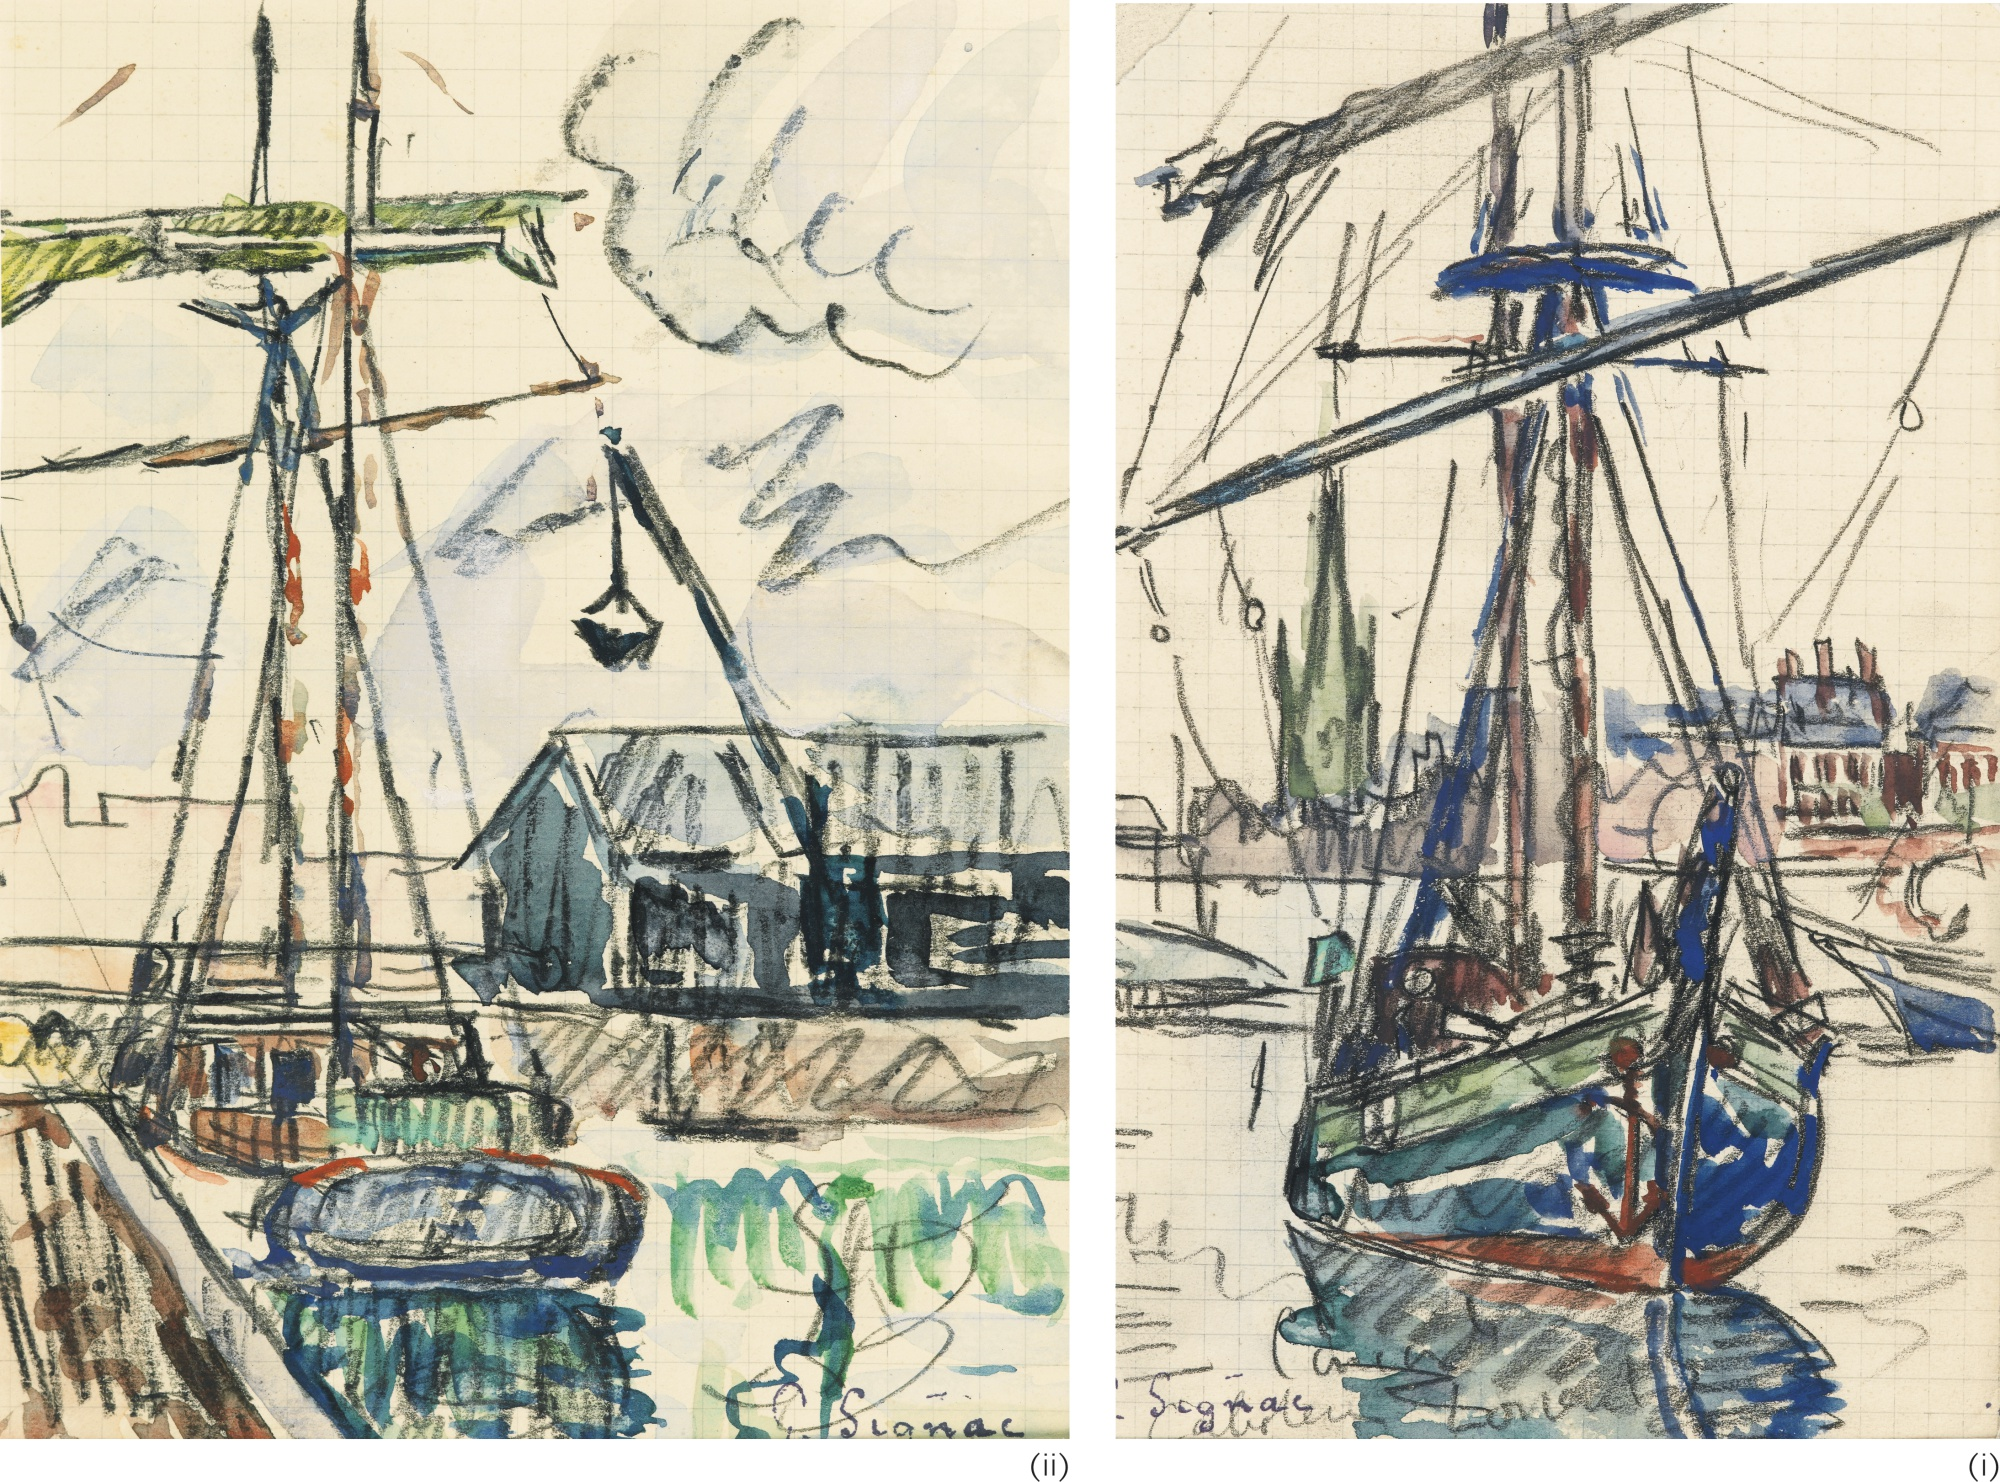 Paul Signac-Deux Dessins : (I) Lorient, Caboteur A L'Ancre (Page De Carnet); (II) La Grue, Caboteur A Quai Dans Un Port Breton (Page De Carnet)-